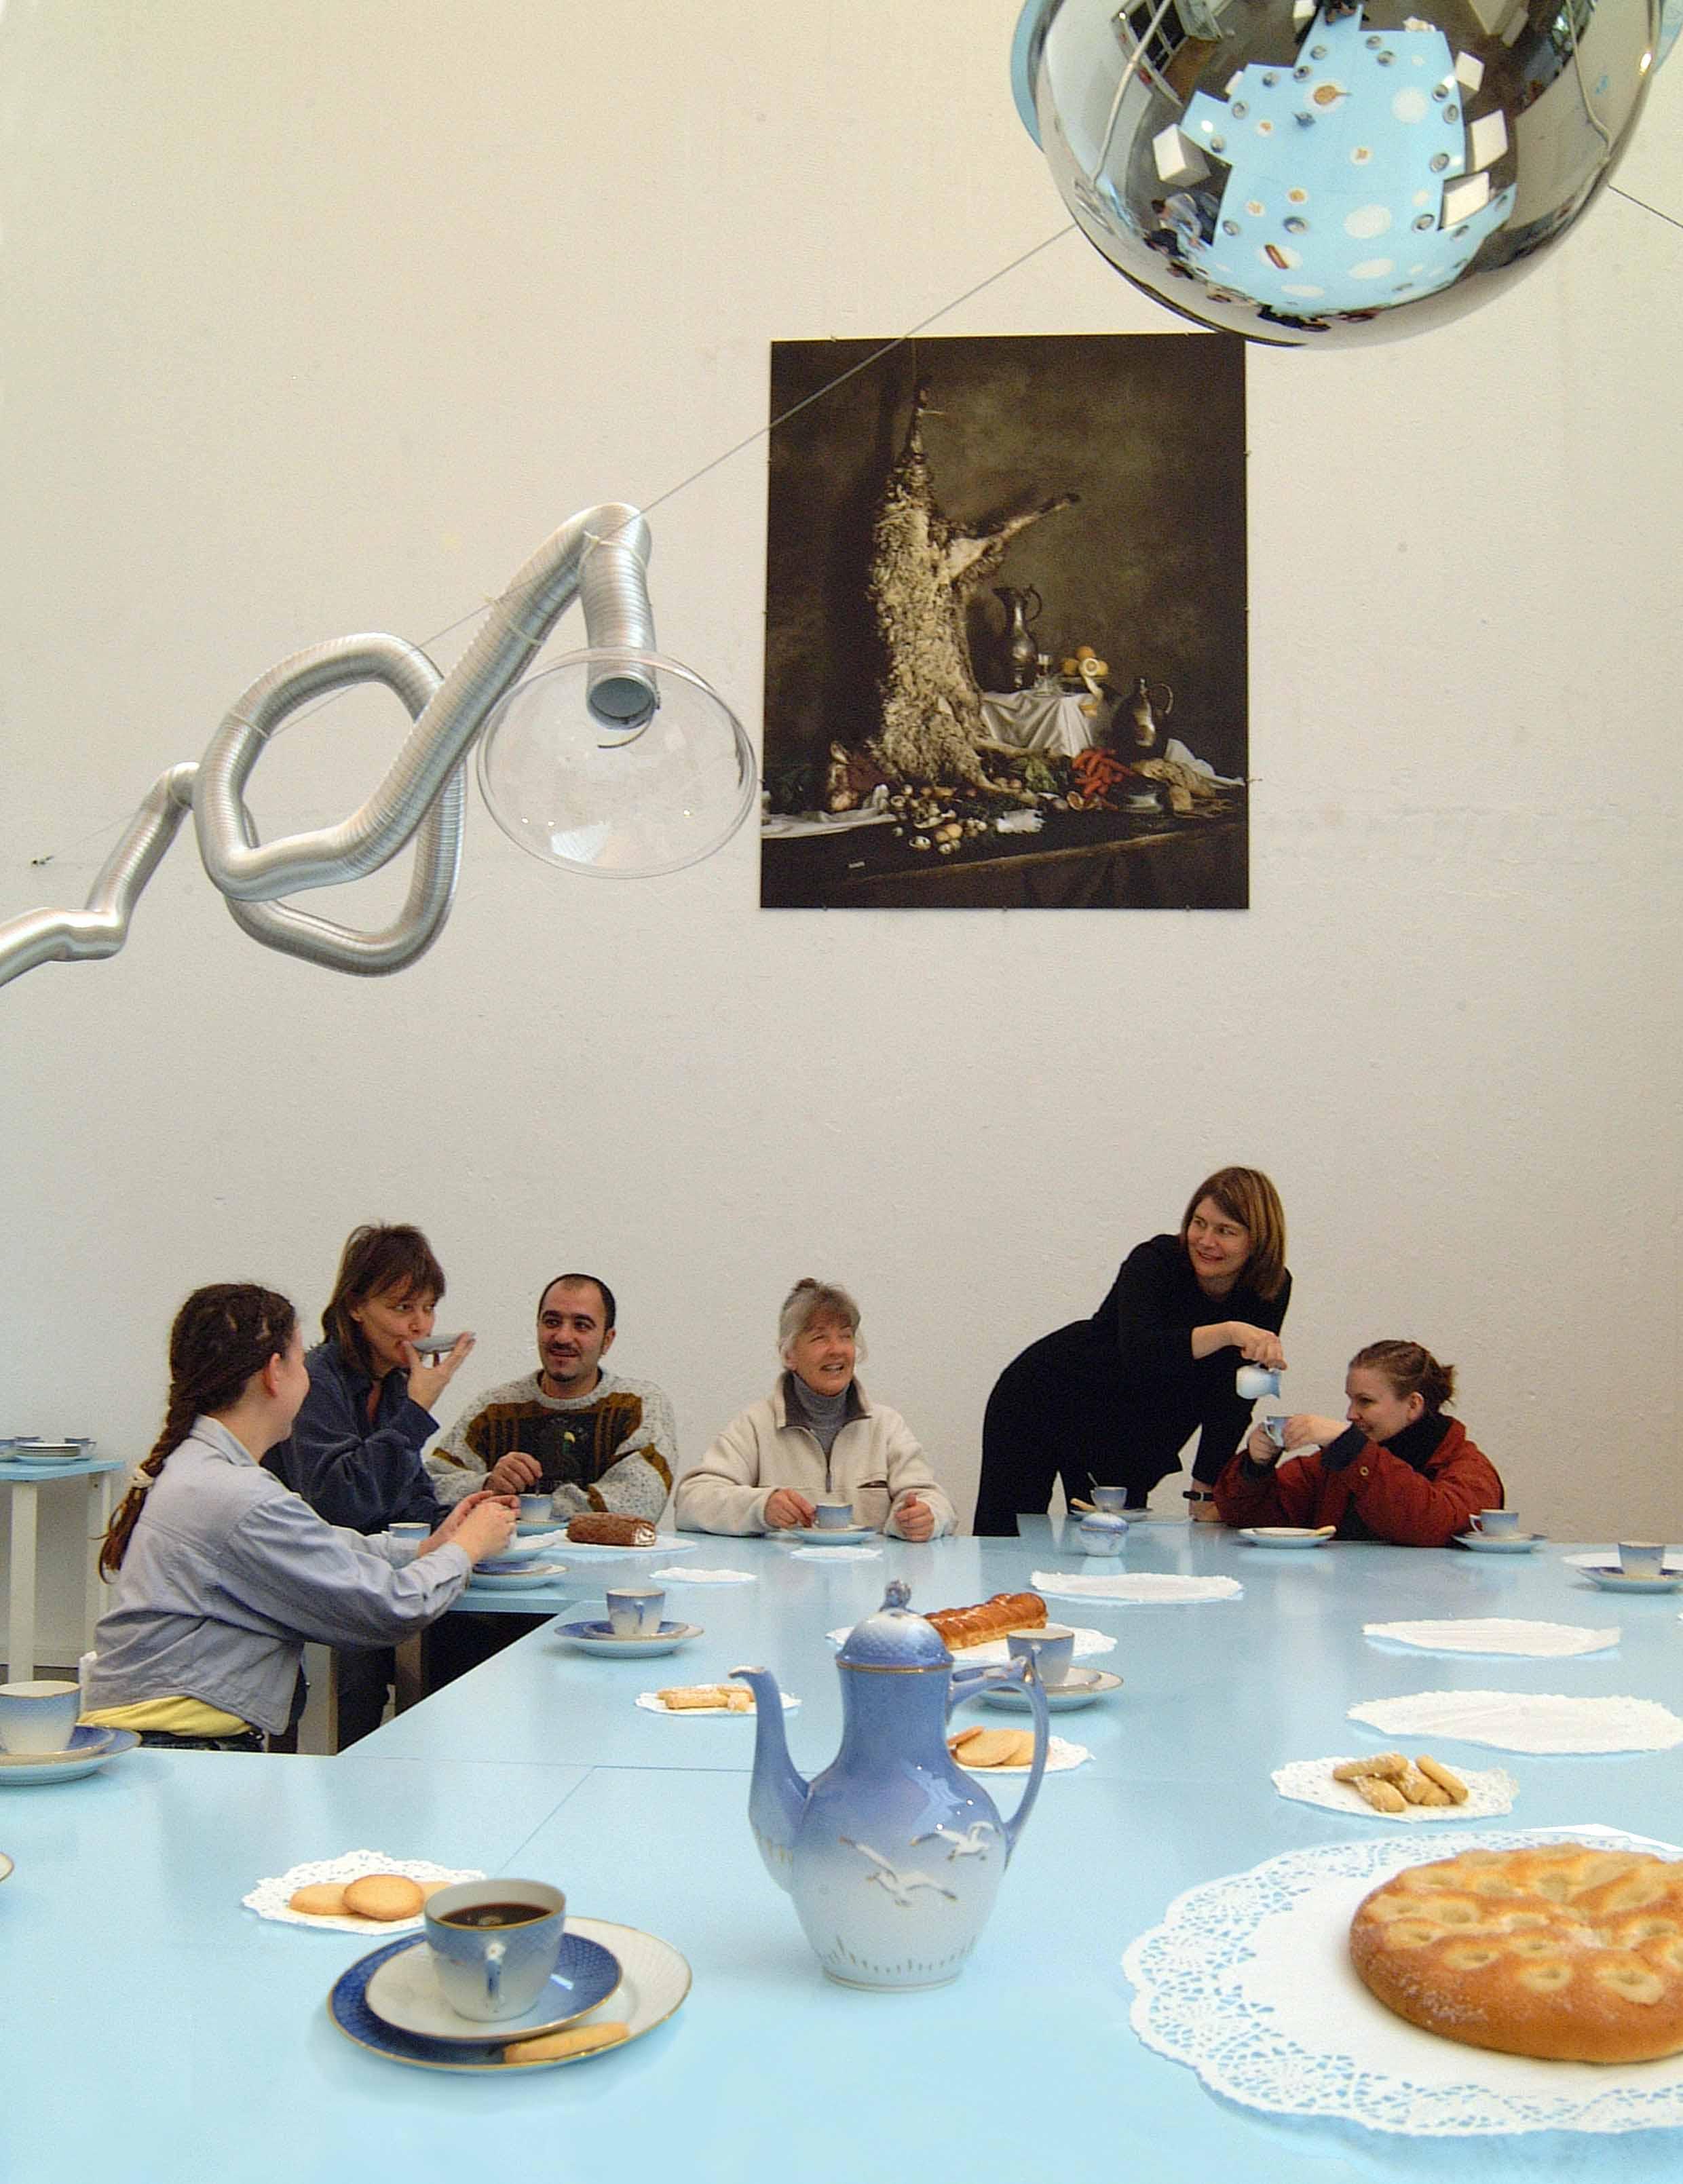 Kom och fika rune fjord studio